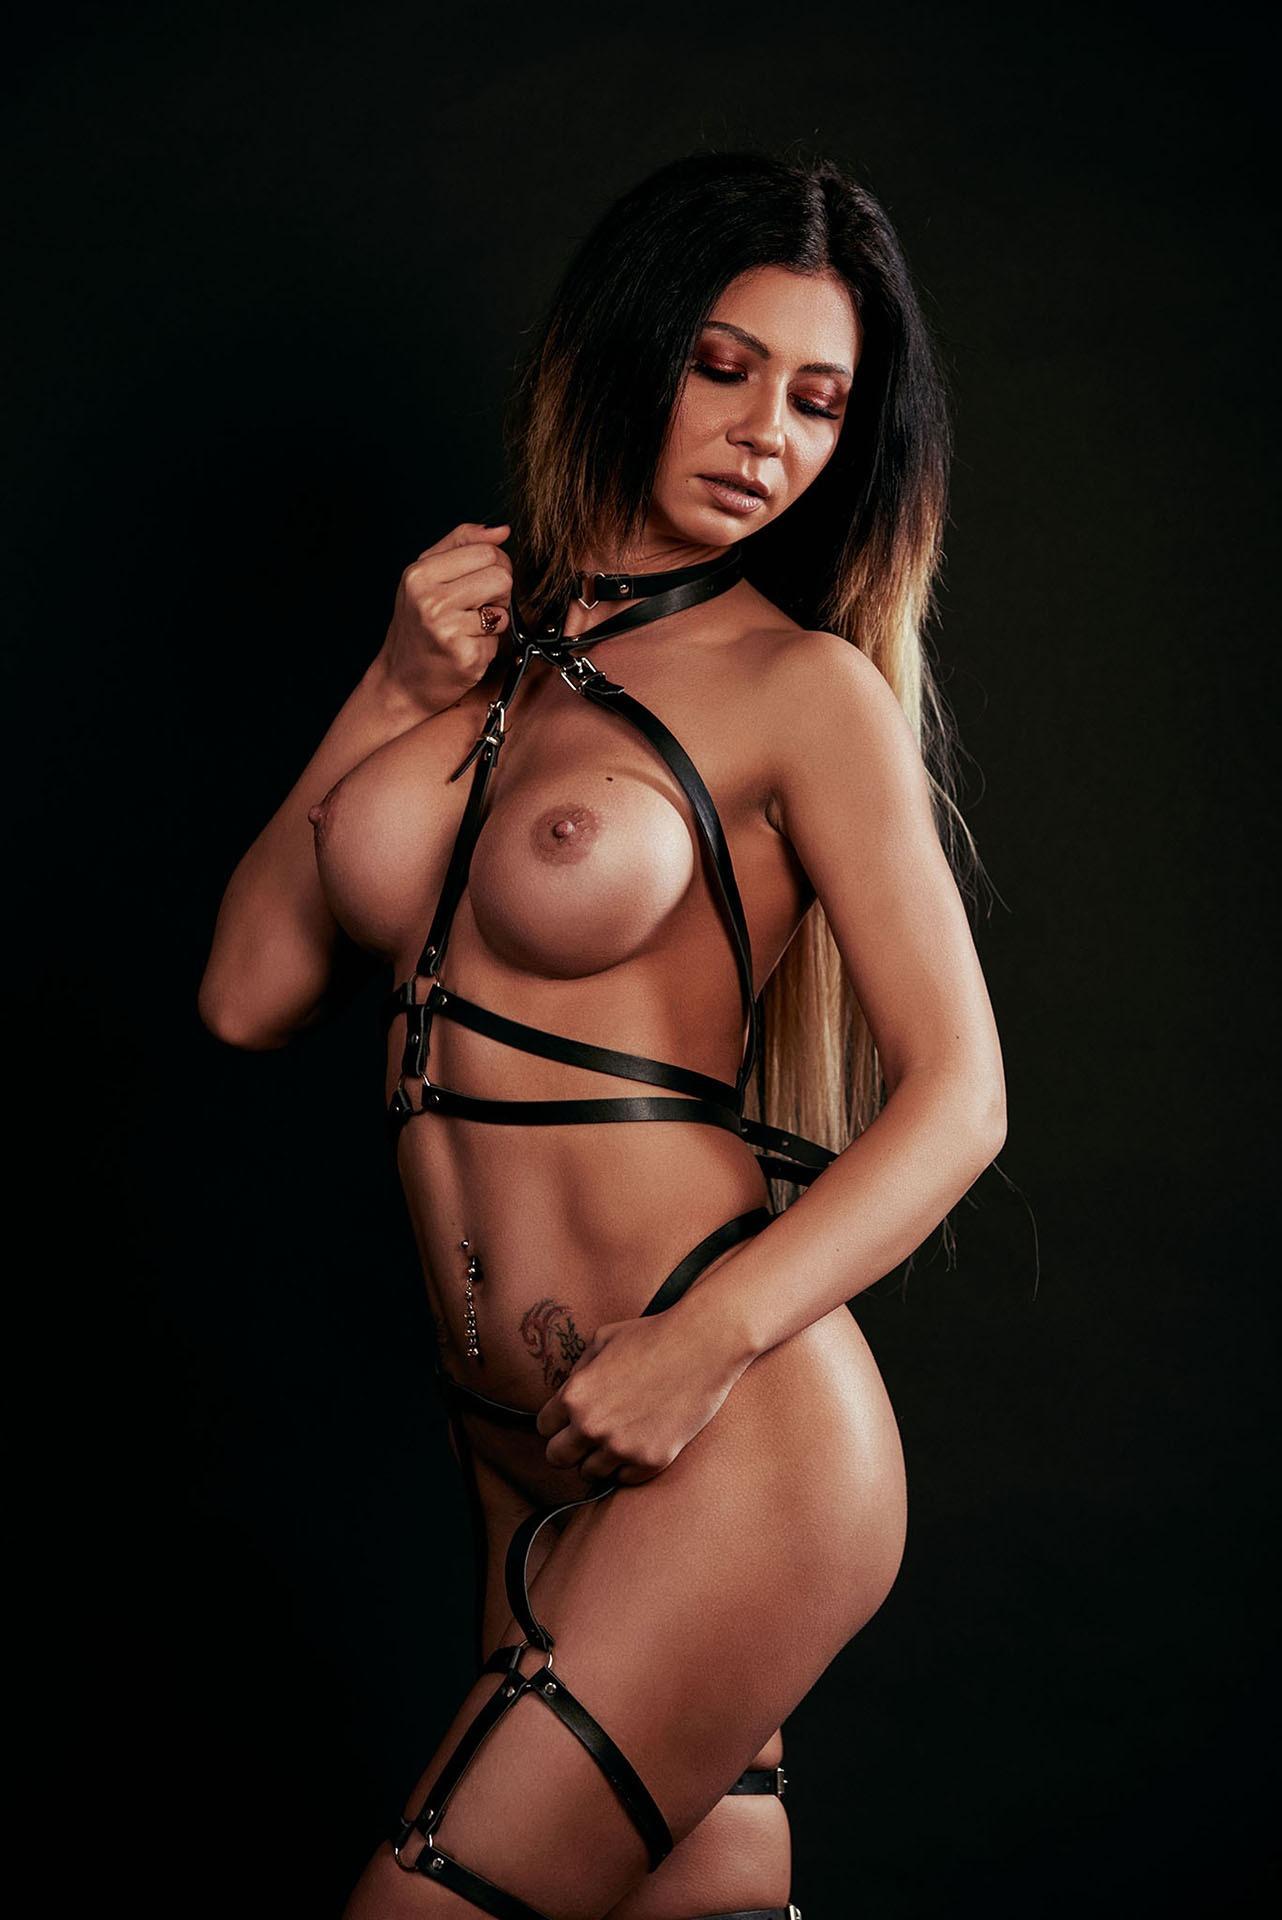 Fotograf nud; boudoir; daretoboudoir; dare to boudoir; shooting; nude; implied; published; fotograf nud; fotograf boudoir; studio; lenjerie; nud; retouch; monochrome; fotograf bucuresti; topless